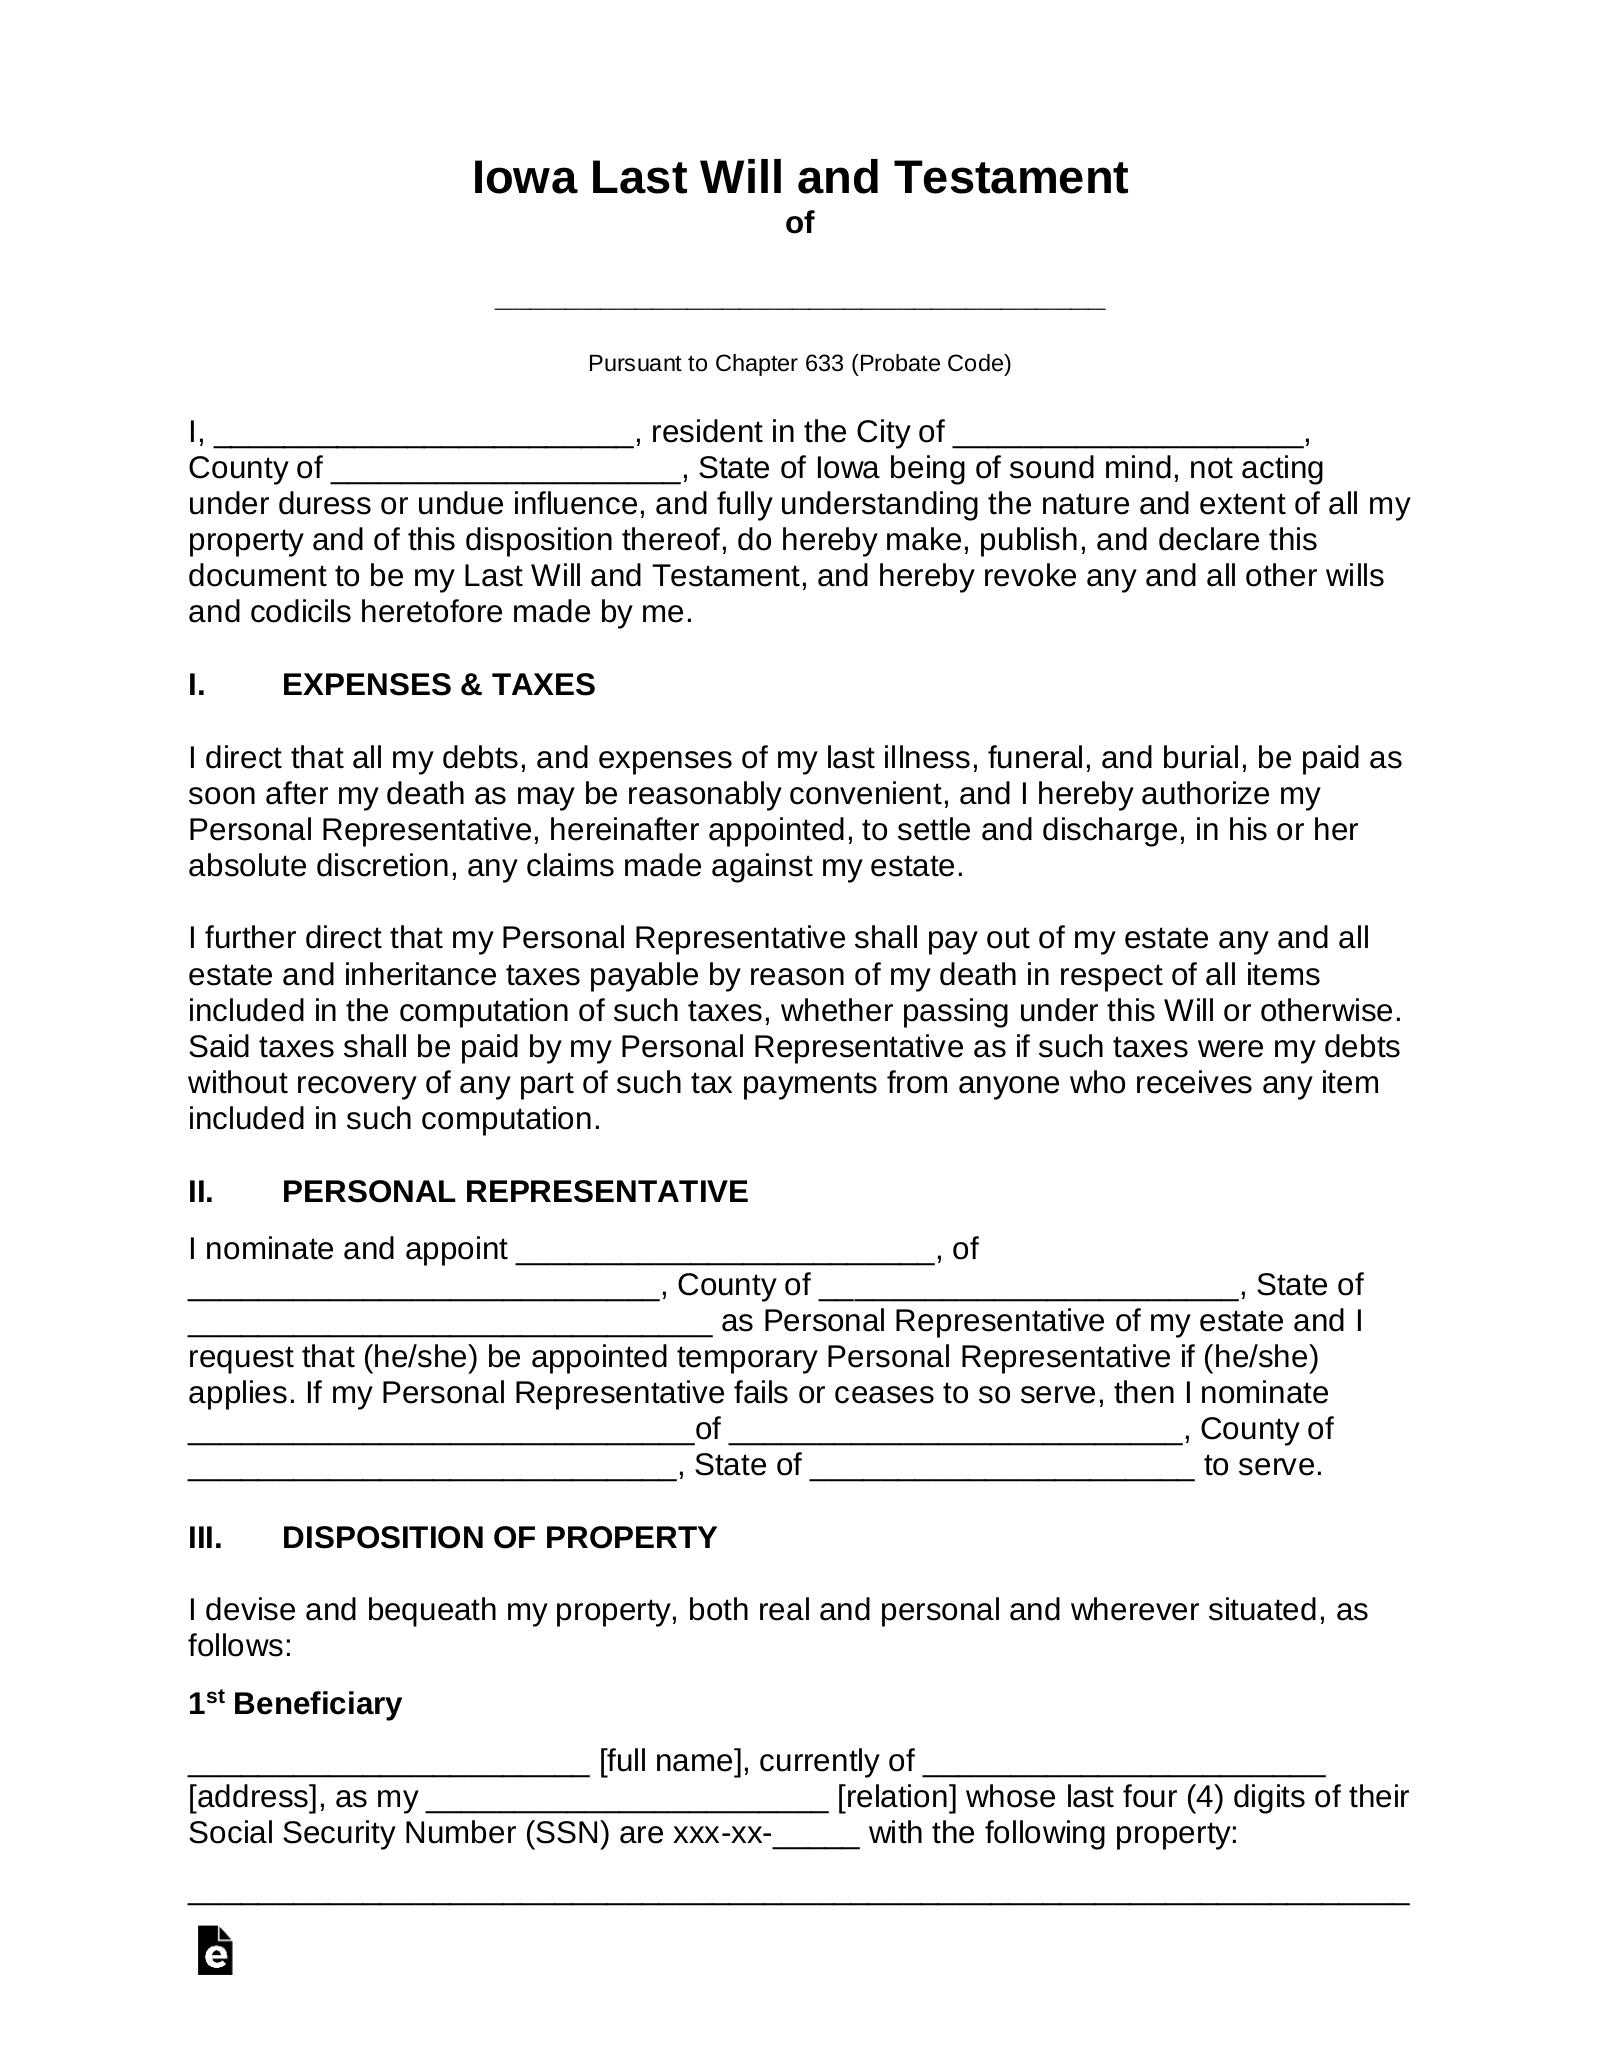 Free Iowa Last Will And Testament Template Pdf Word